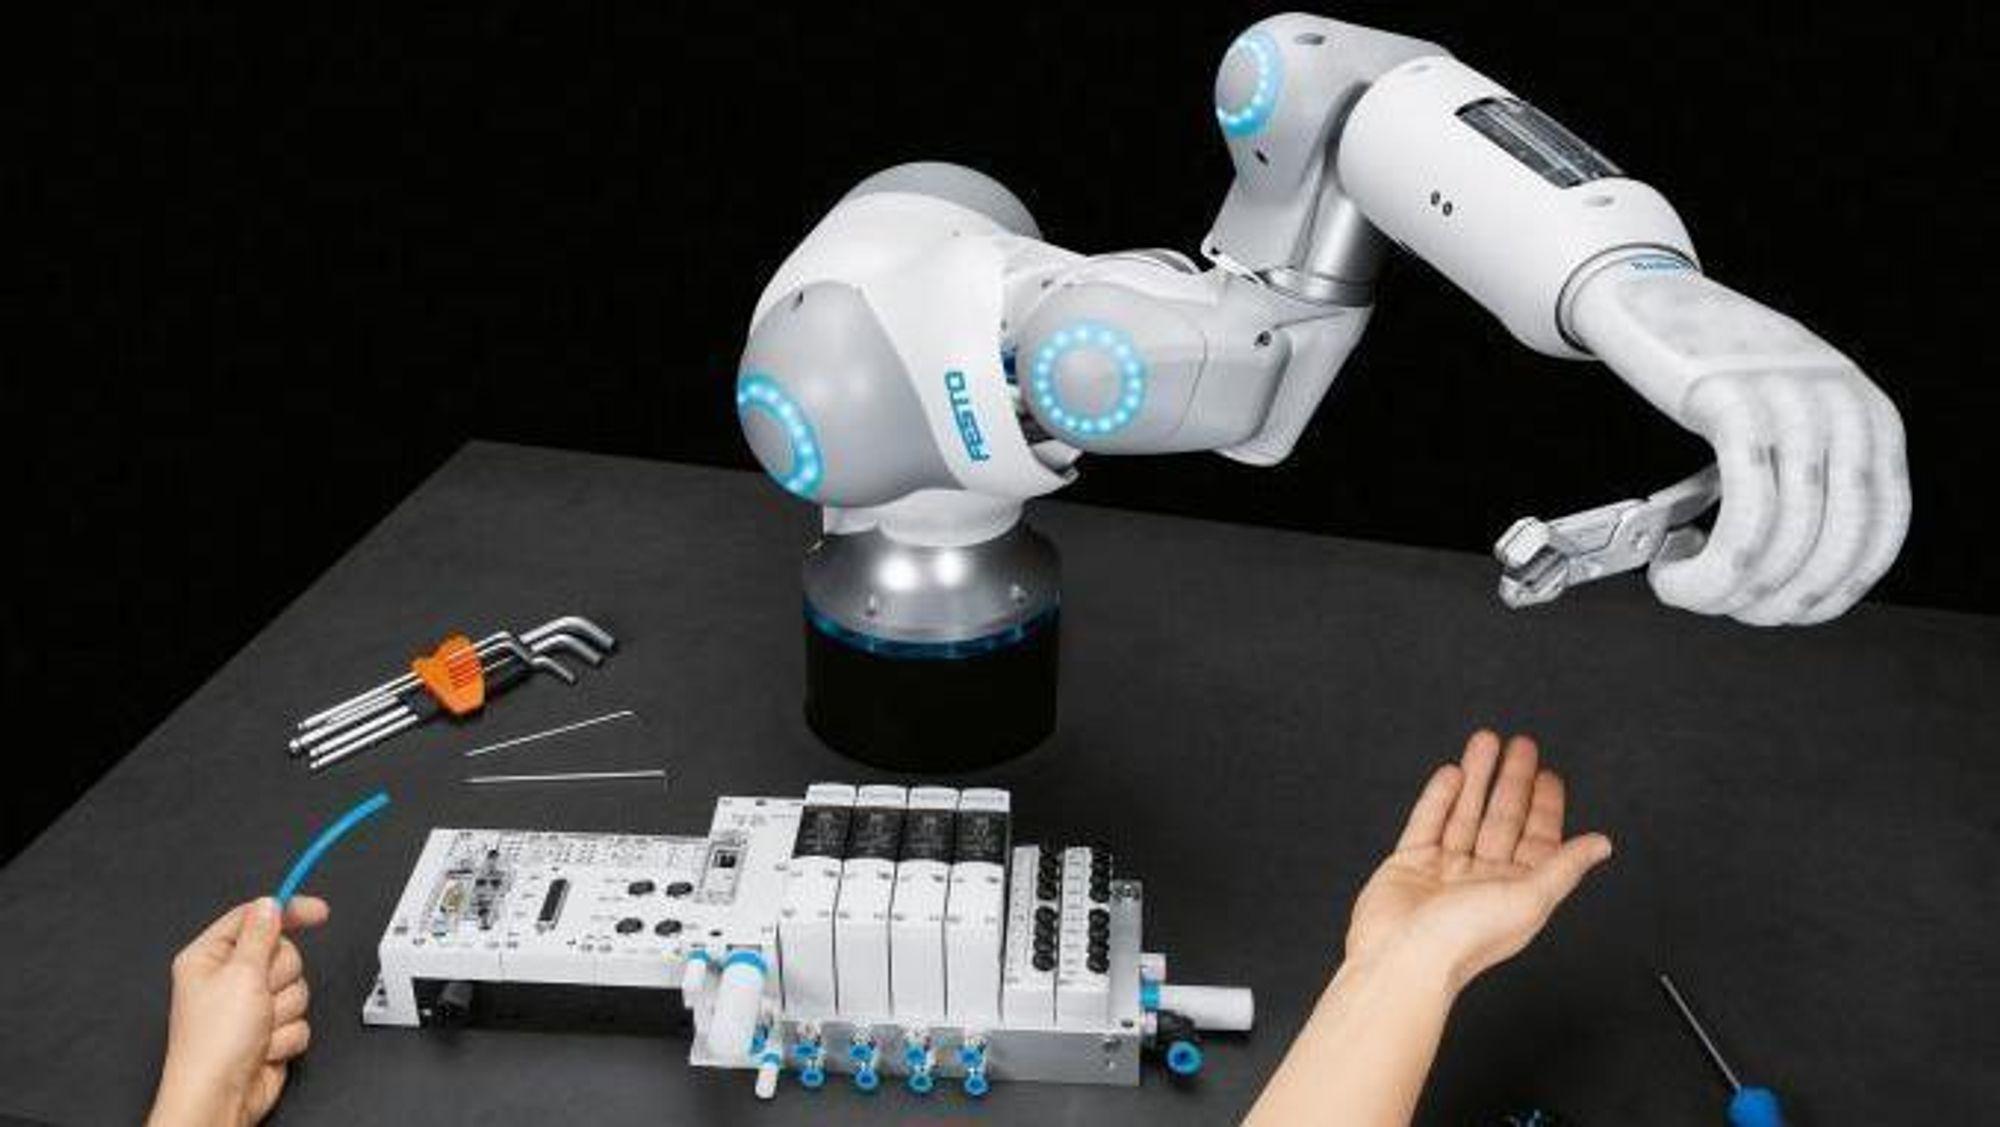 Programvare skal gjøre prosessene raskere og enklere, sier Christopher Haug fra Festo. Men helt grunnleggende er det «motion» som Festo selger. Som denne; en kollaborativ robot.